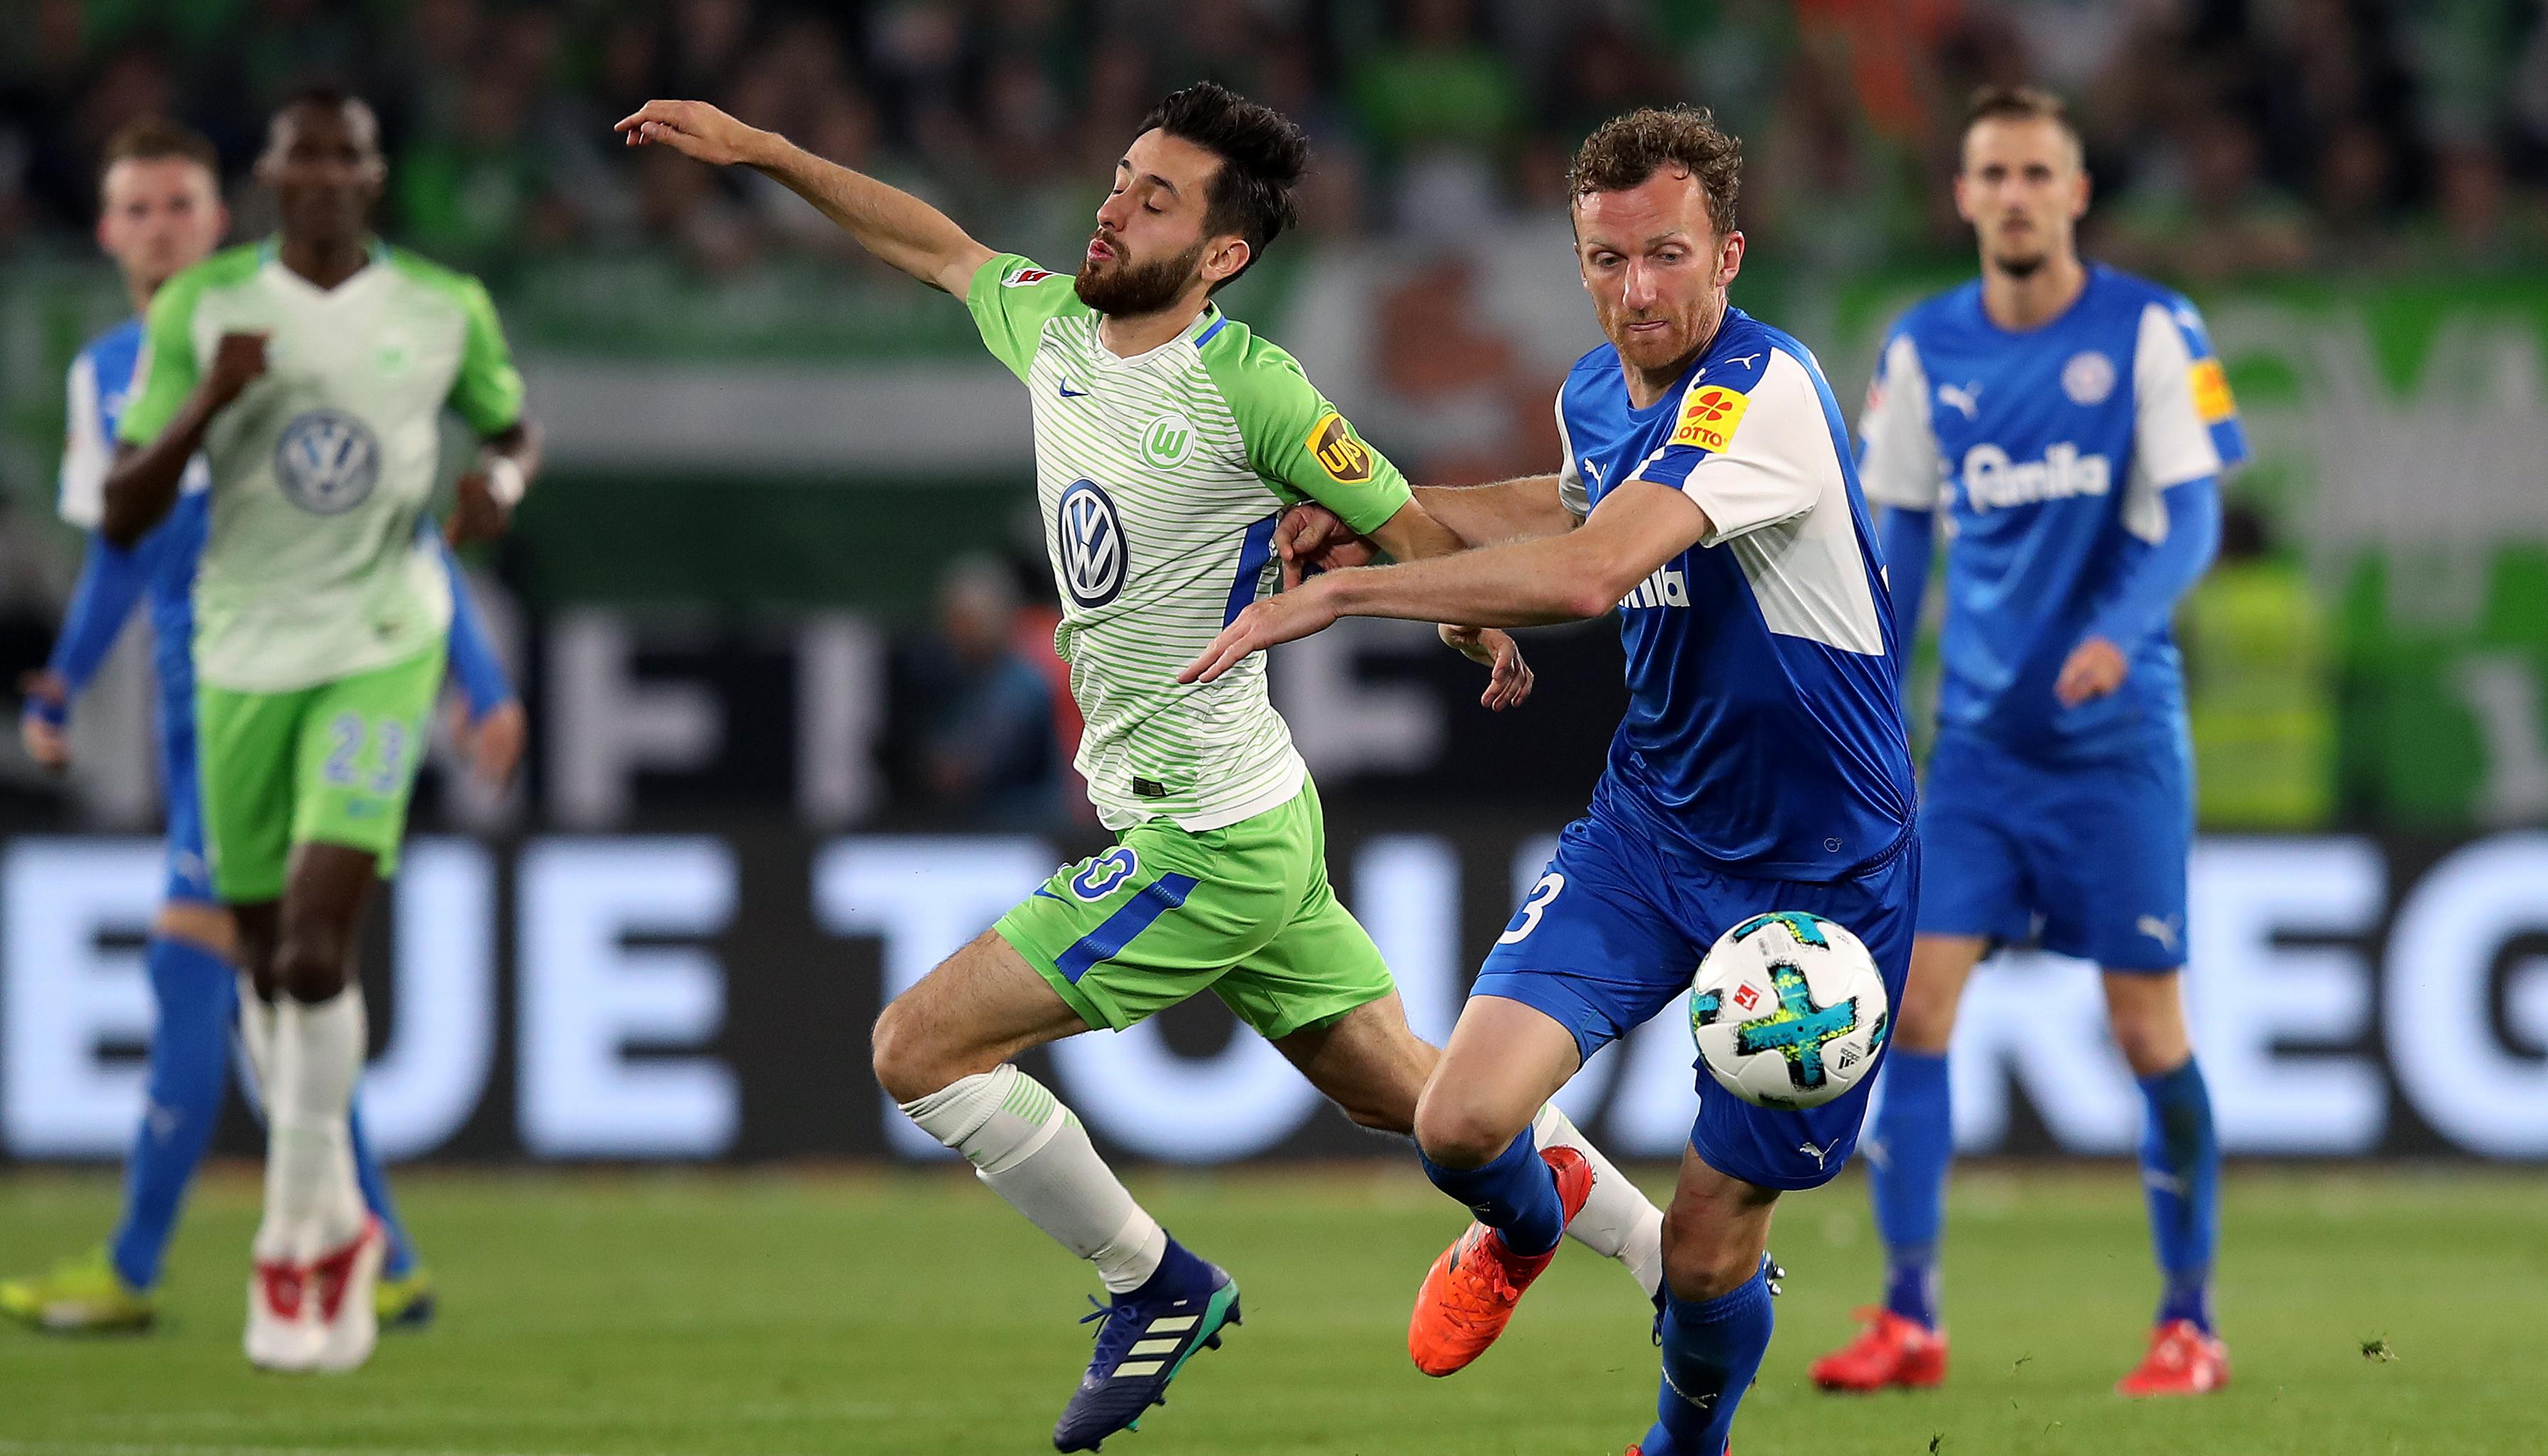 Holstein Kiel – VfL Wolfsburg: Störche wollen frech bleiben